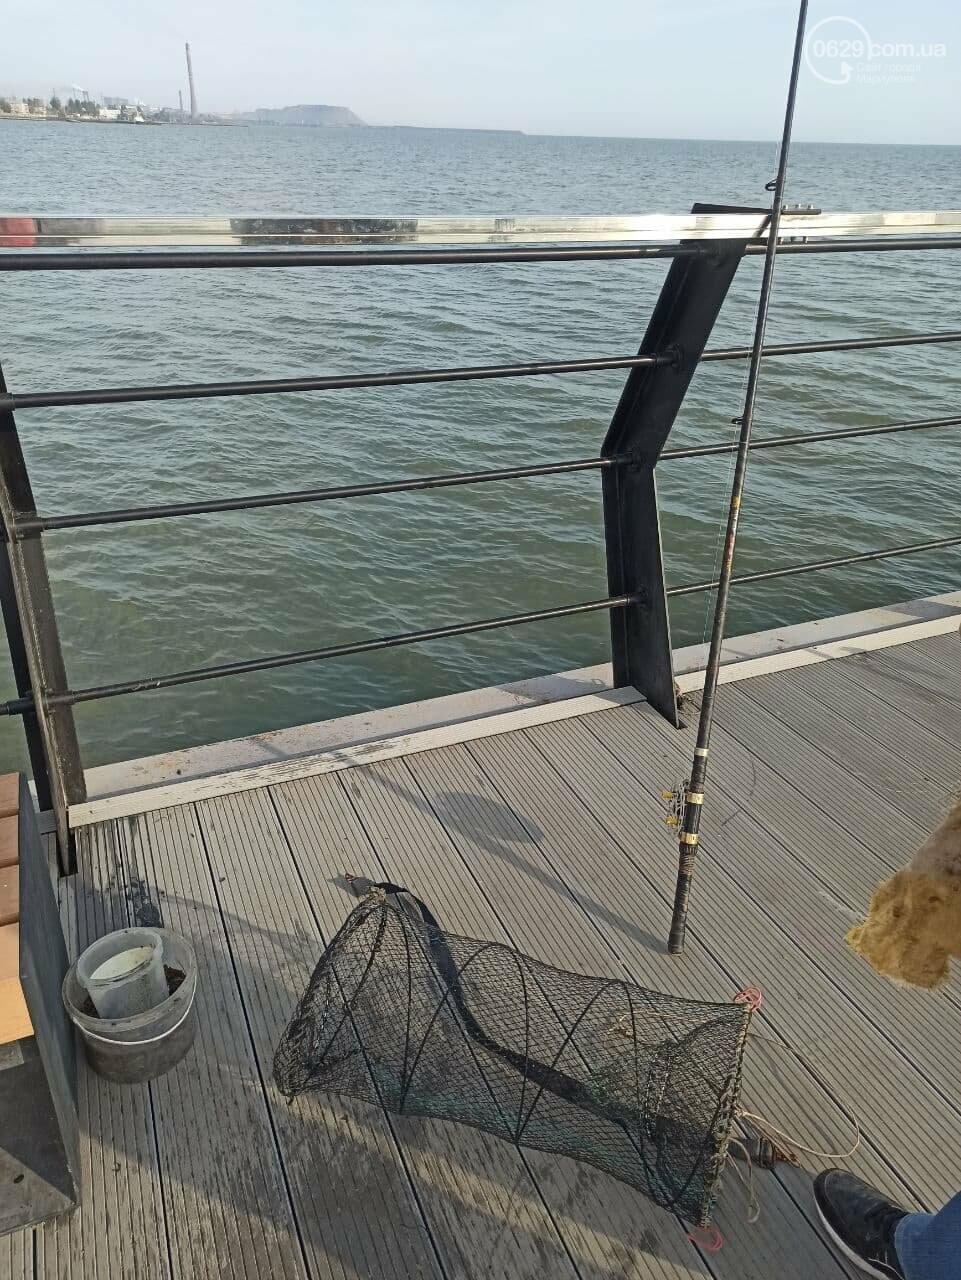 Безопасно ли есть мариупольскую рыбу? Получены результаты исследований, - ФОТО, ВИДЕО, ИНФОГРАФИКА, фото-5